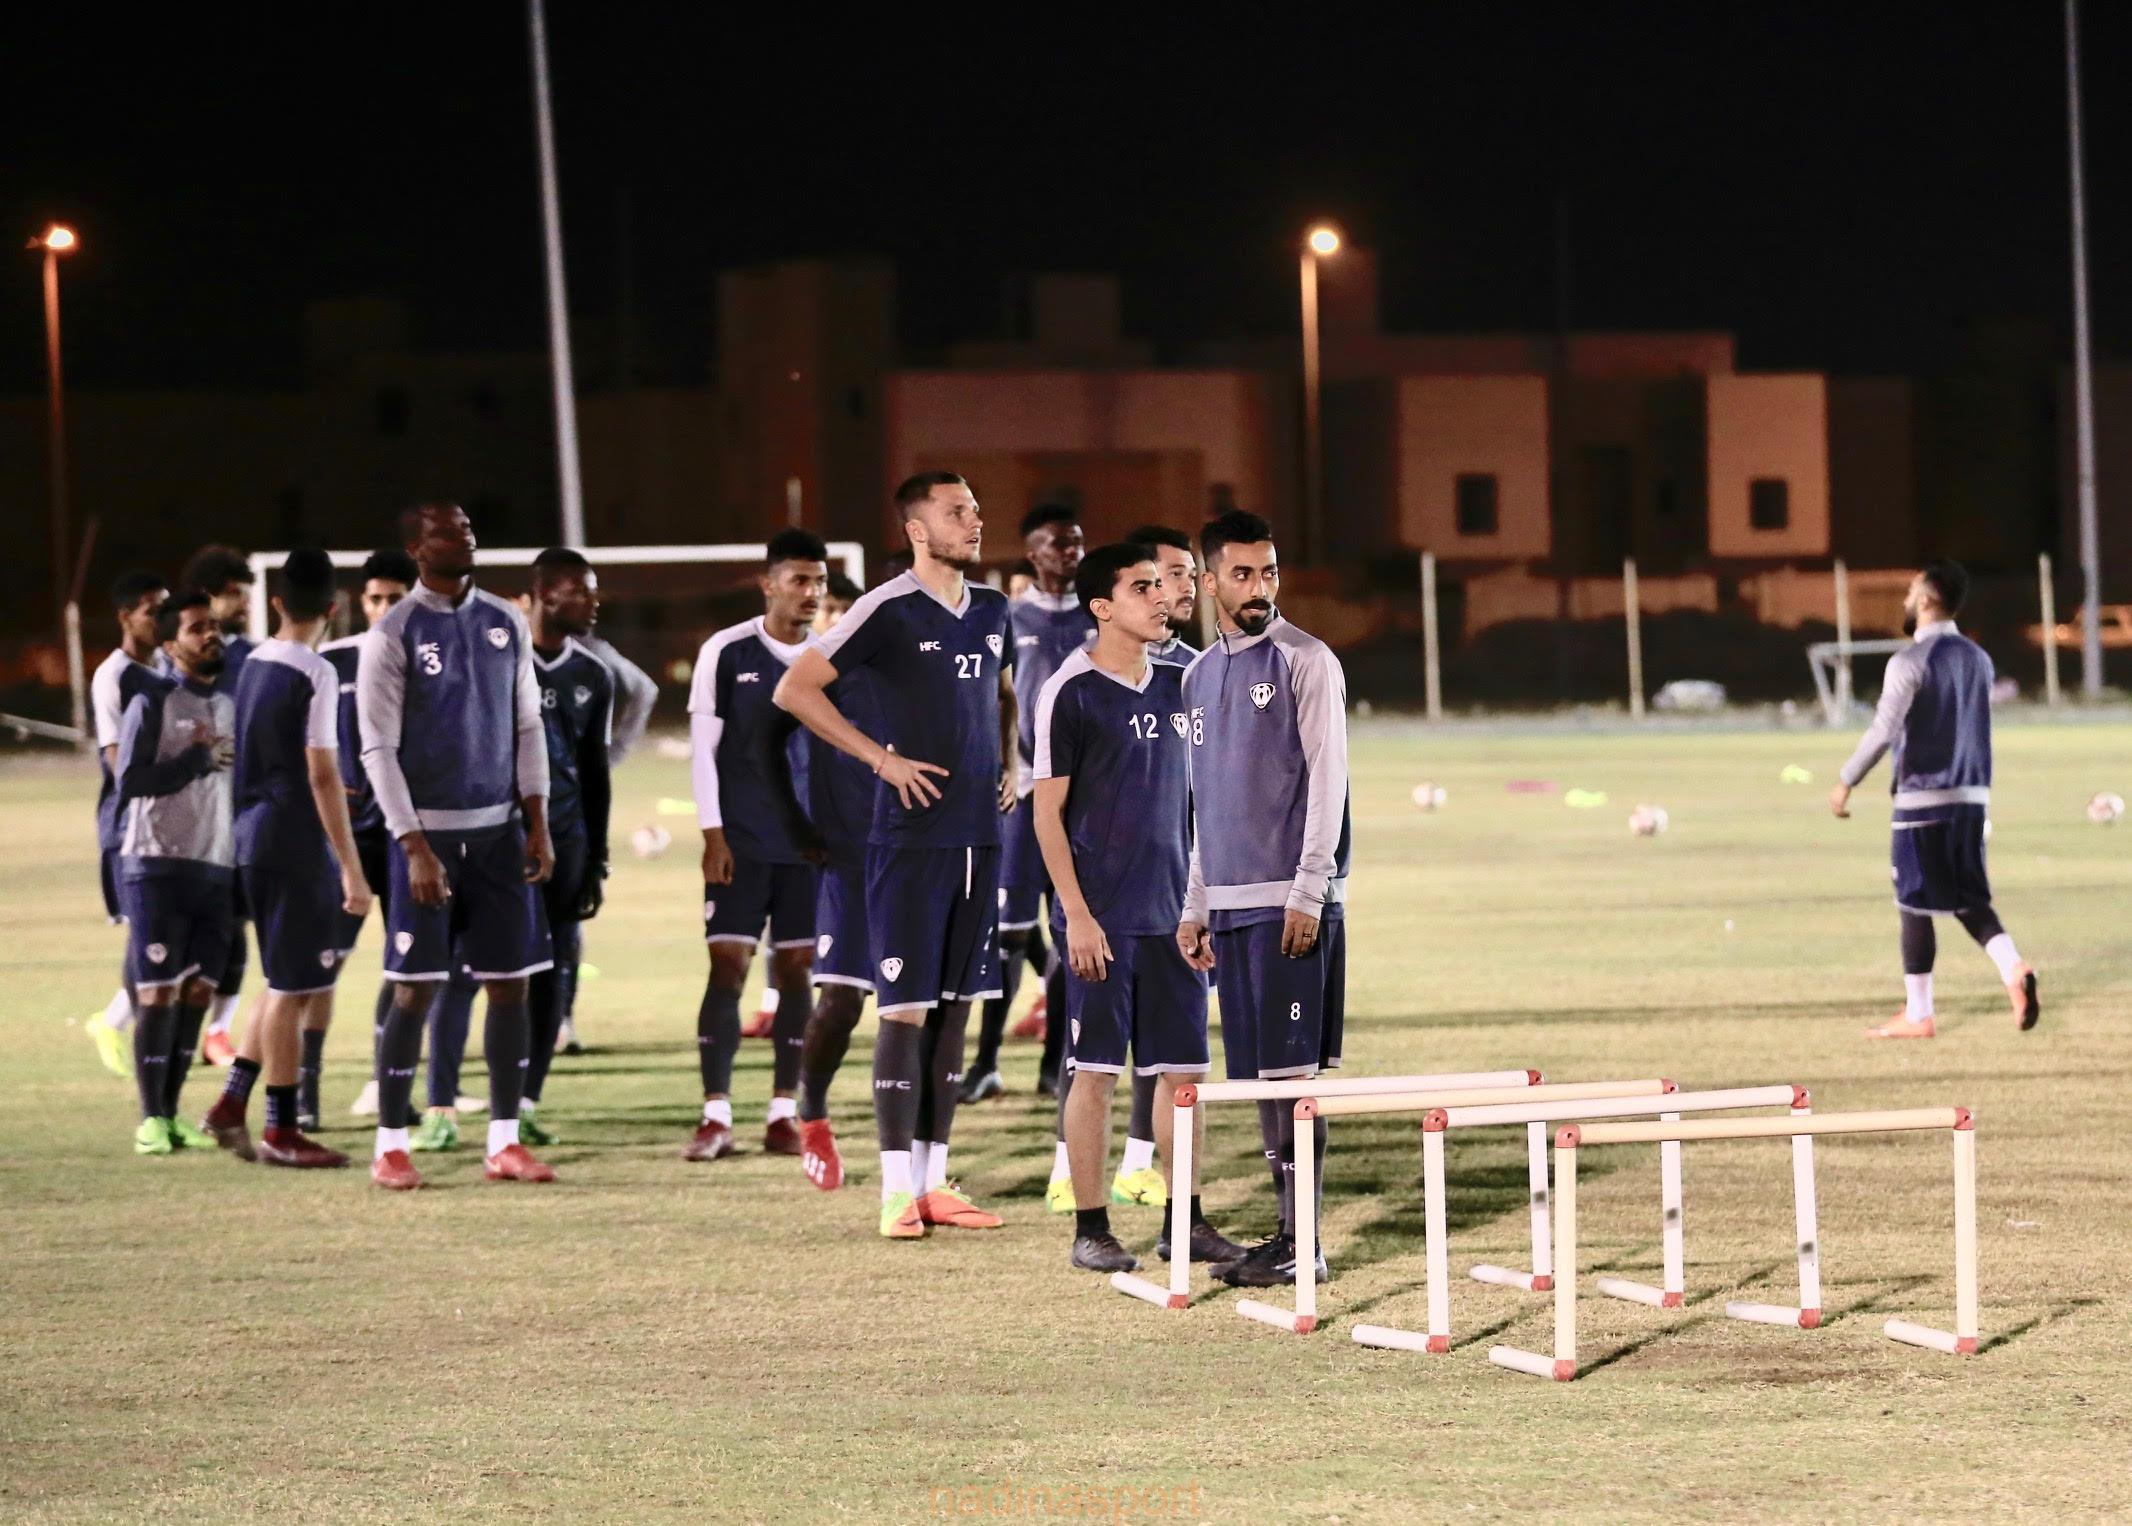 #هجر  يجرى مرانه الرئيسي استعداداً لمباراته المقبلة أمام النهضة